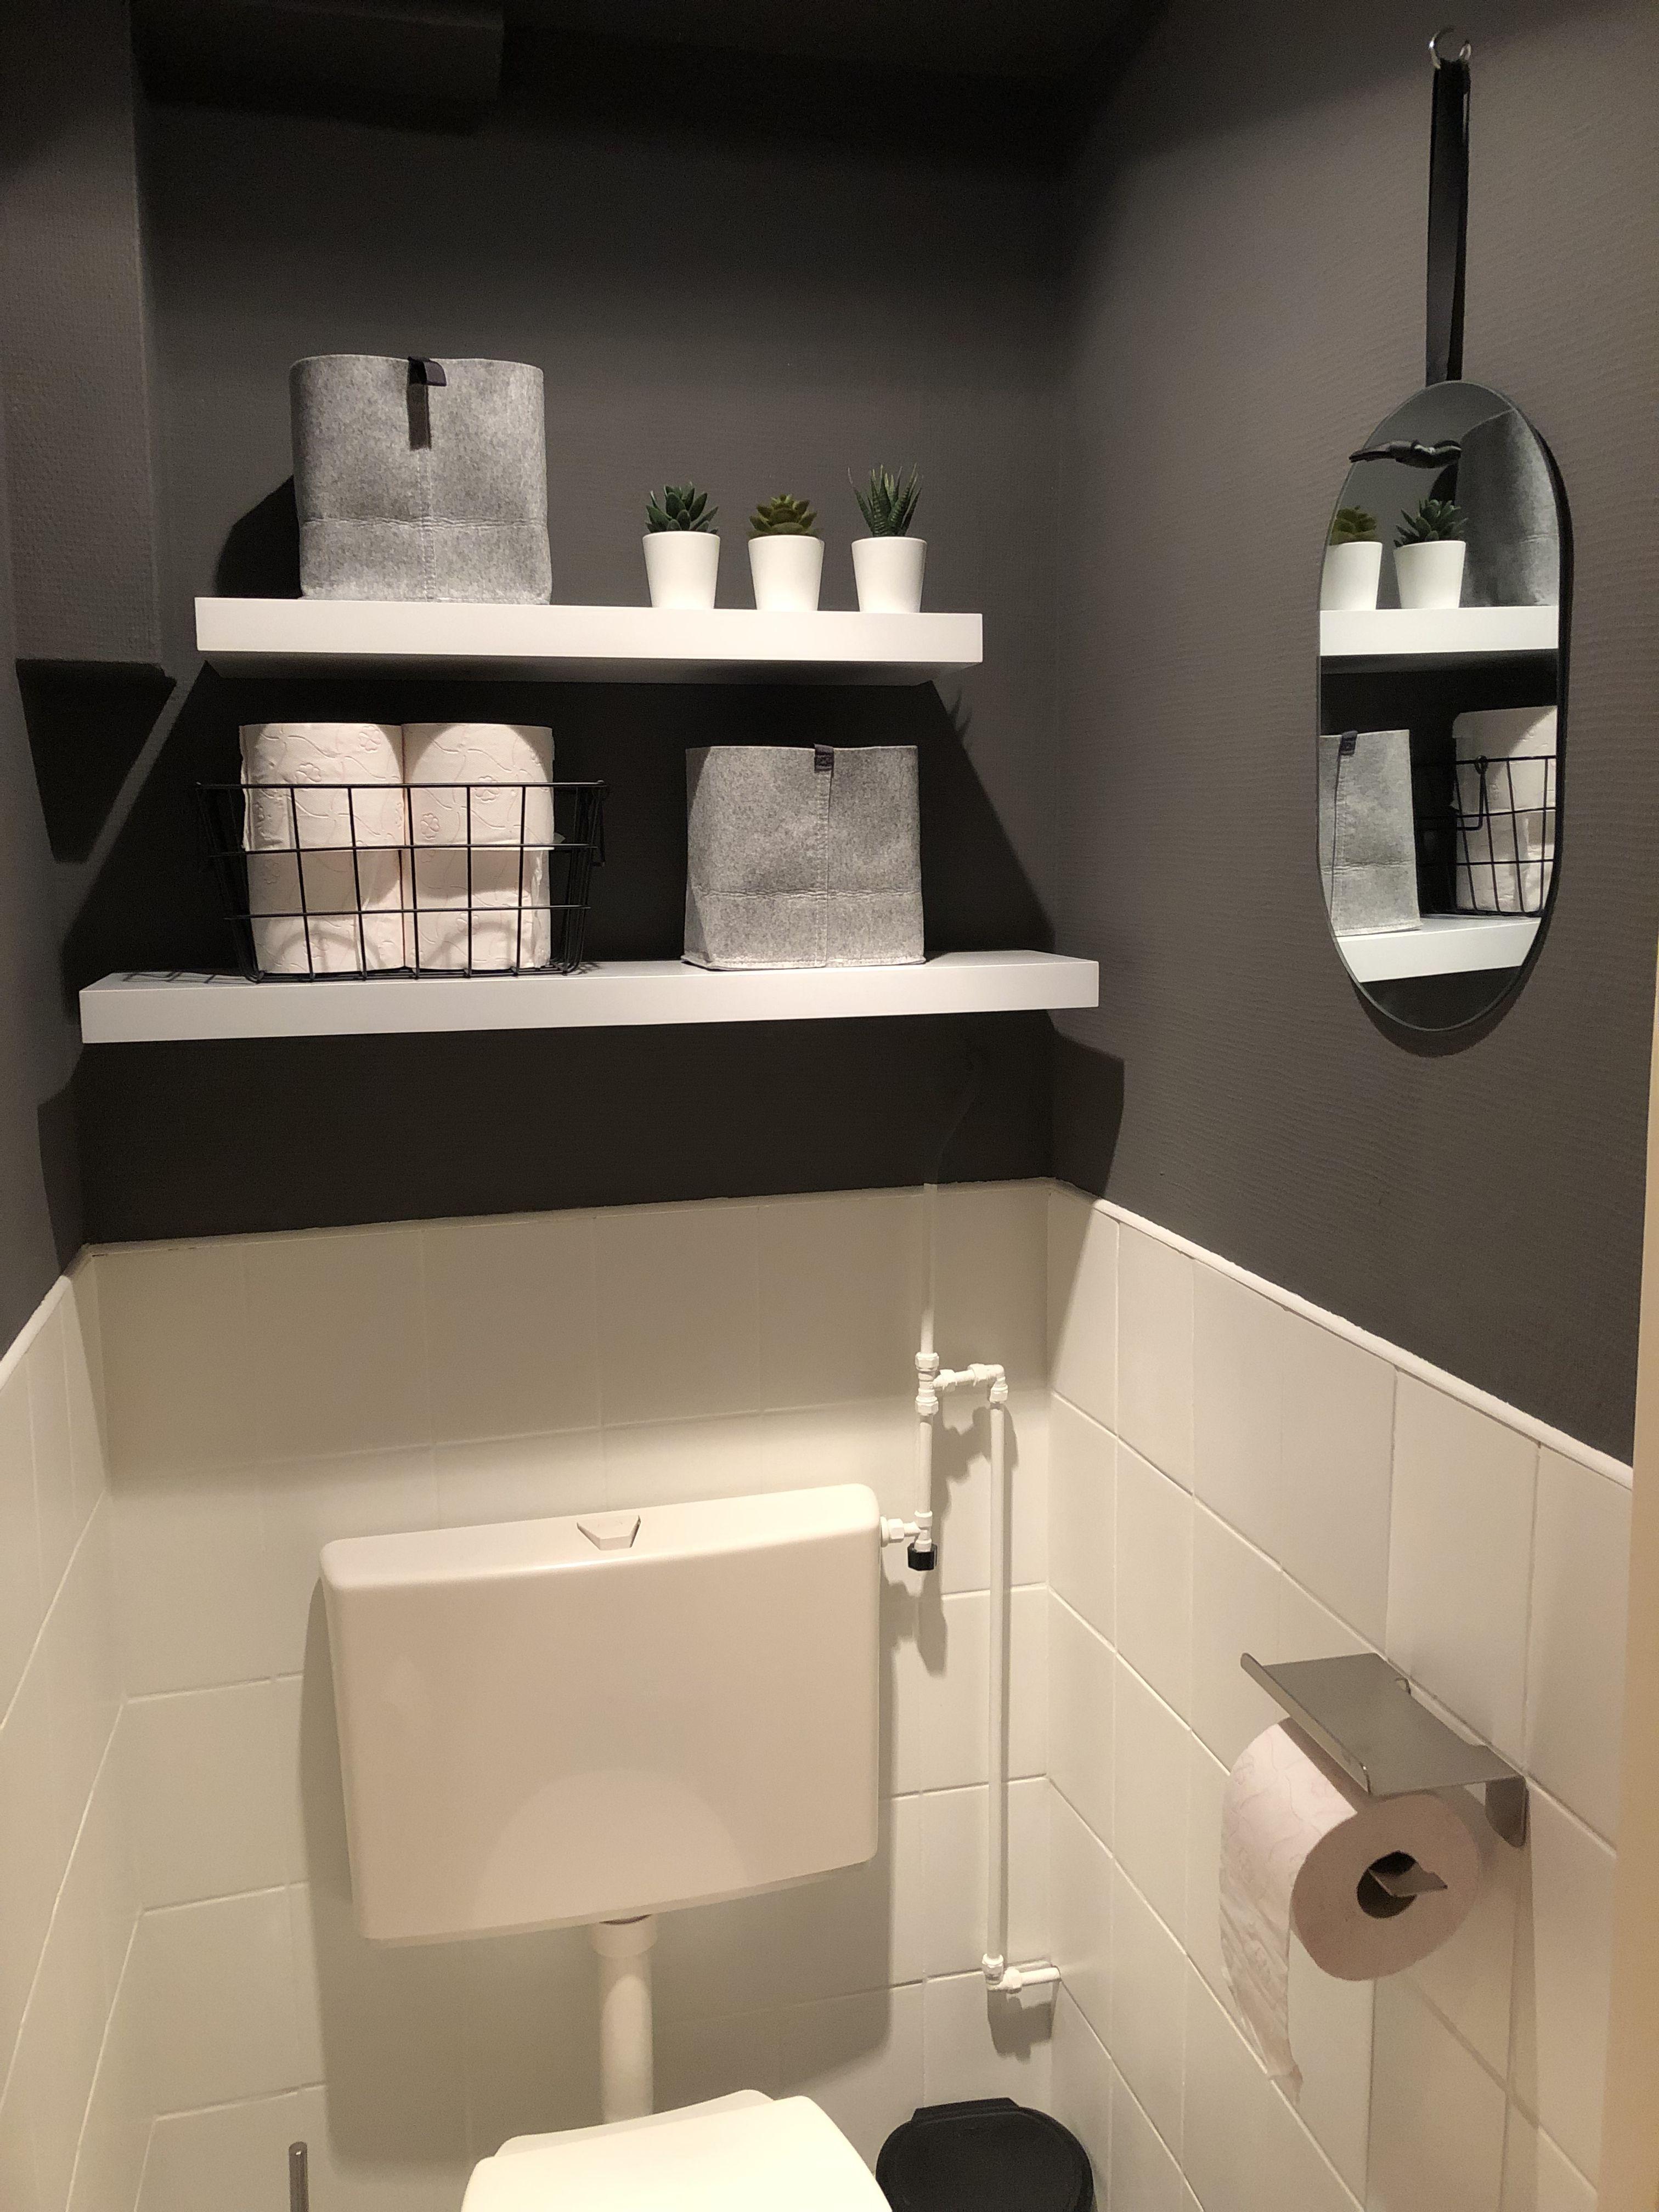 Ons Gepimpte Toilet Met Tegelverf Toilet Ontwerp Toiletideeen Toilet Decoratie